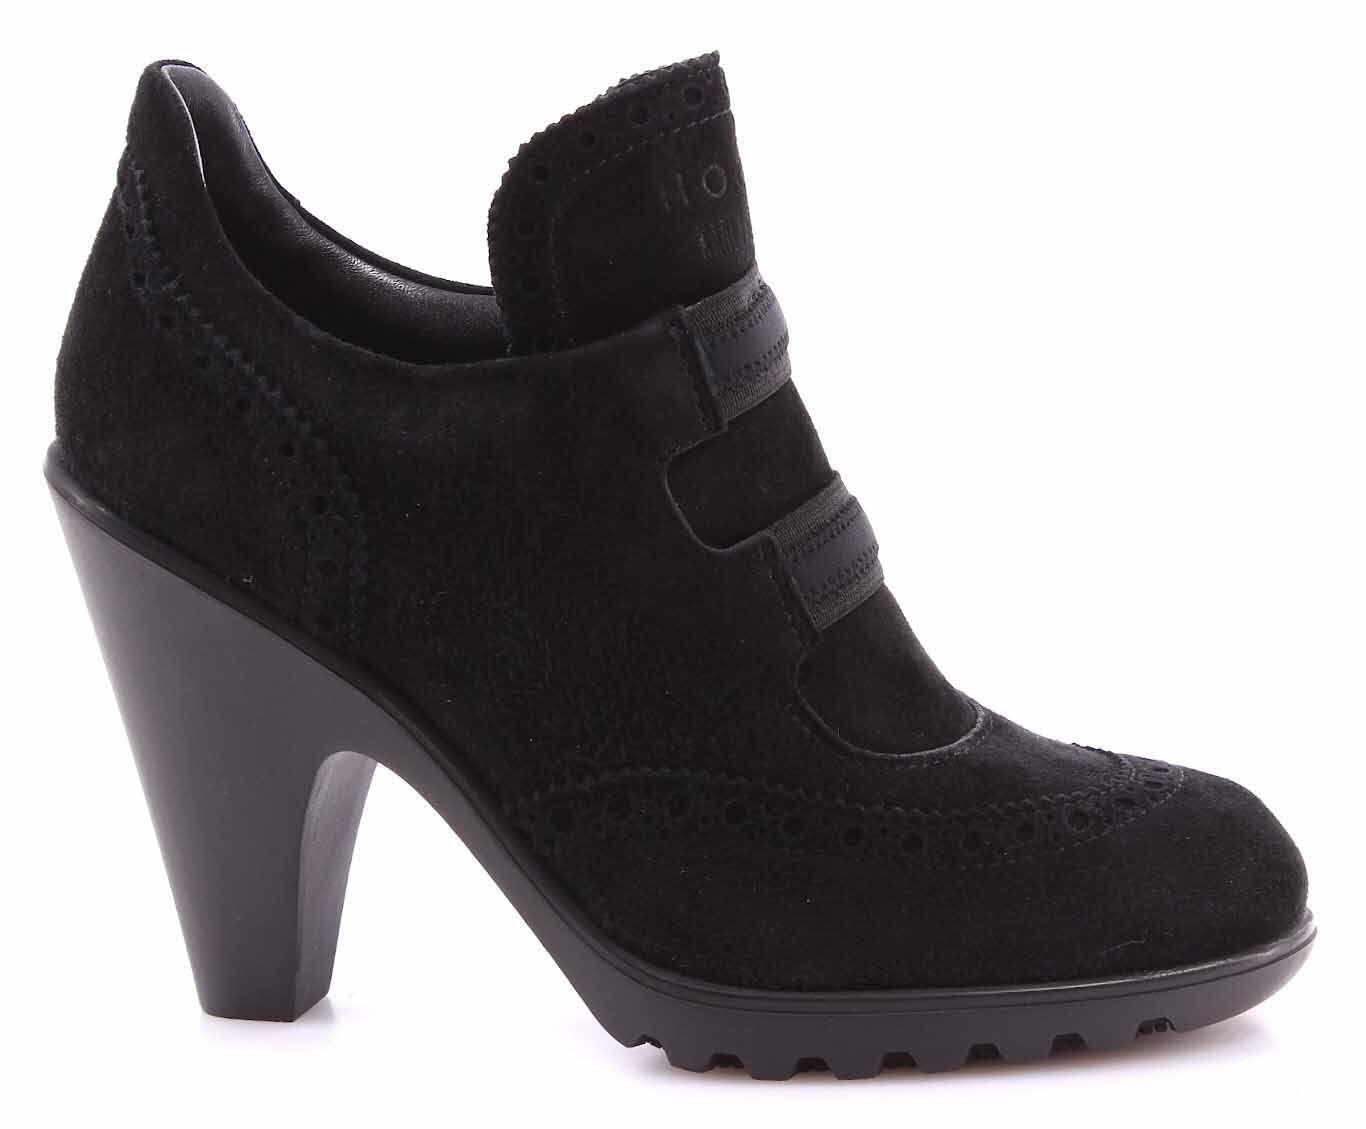 Damen Schuhe Brogues High Heel HOGAN BY KARL LAGERFELD Wildleder Schwarz Neue